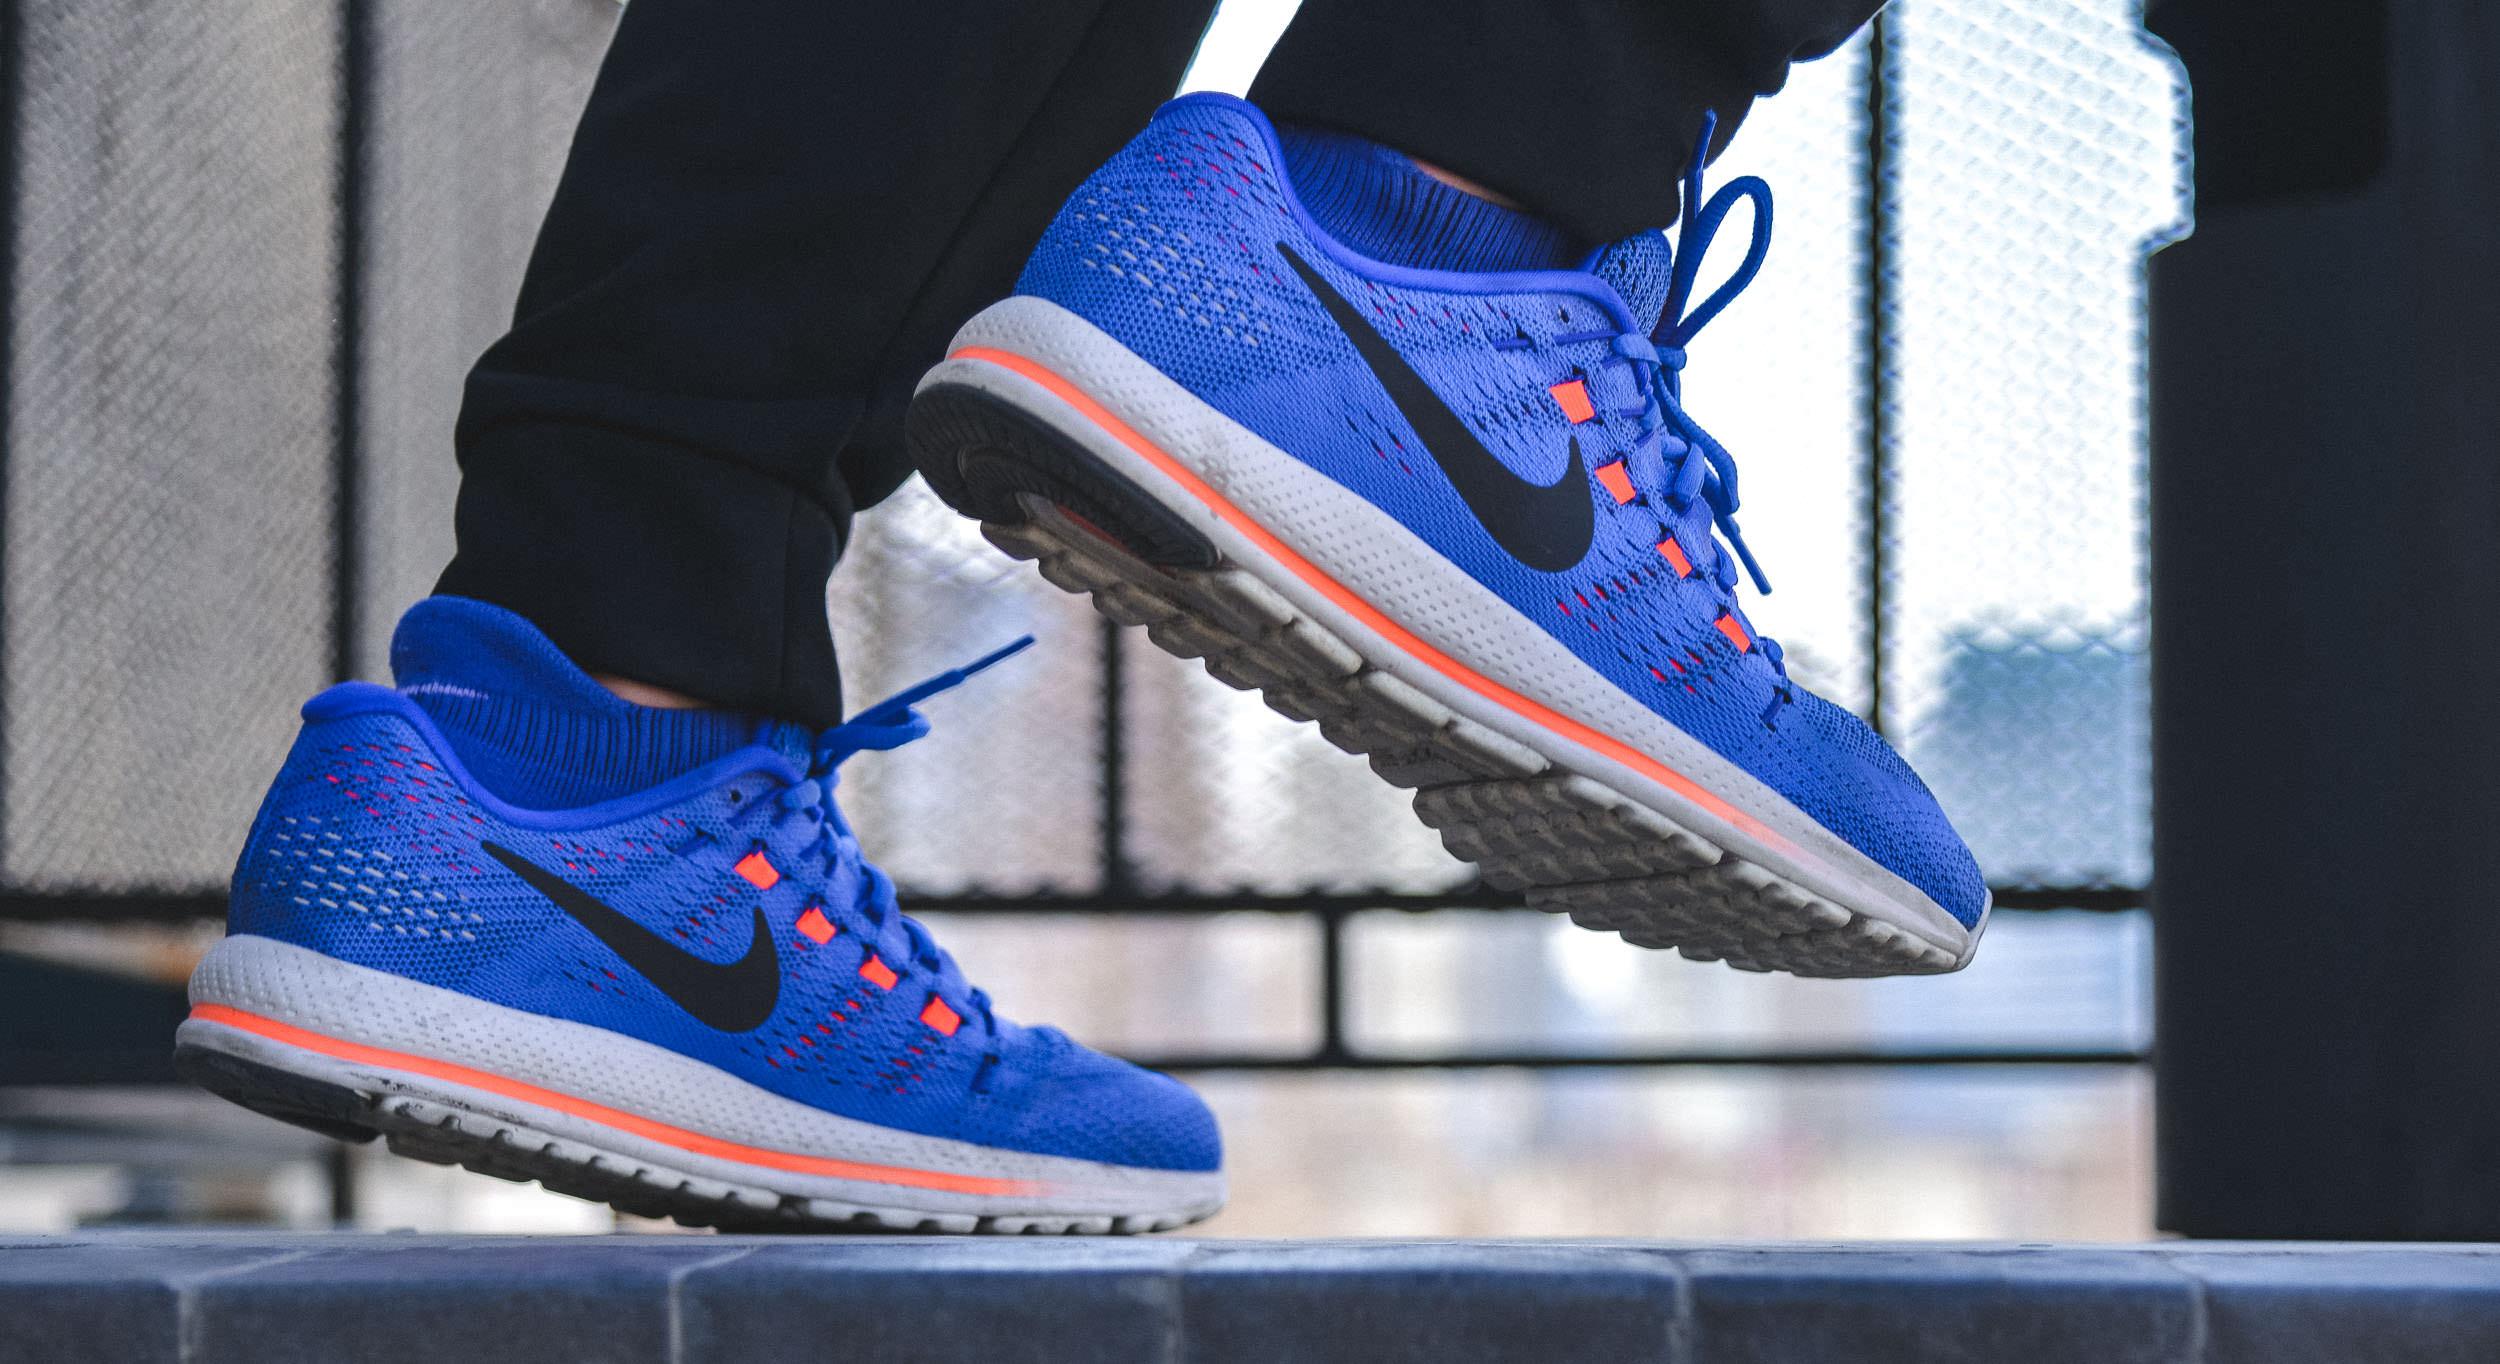 跑鞋 | 把体重全部交给它 Nike Air Zoom Vomero 12深度评测